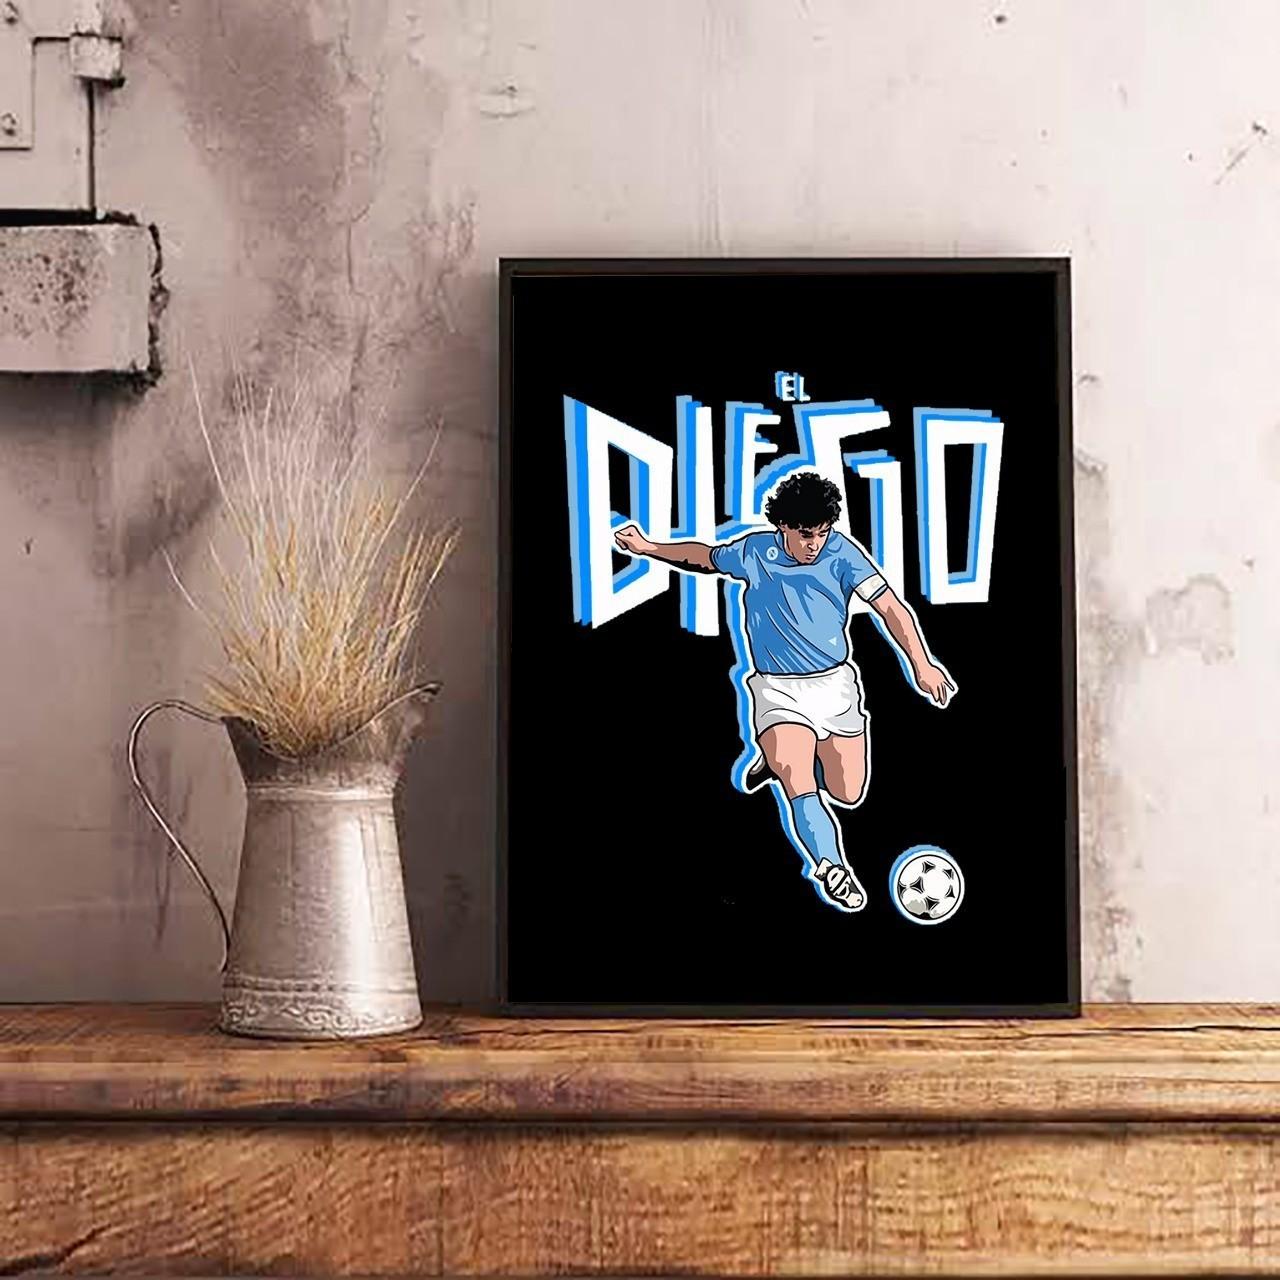 Quadro Com Moldura: Maradona El Diego - 46x33 - EV